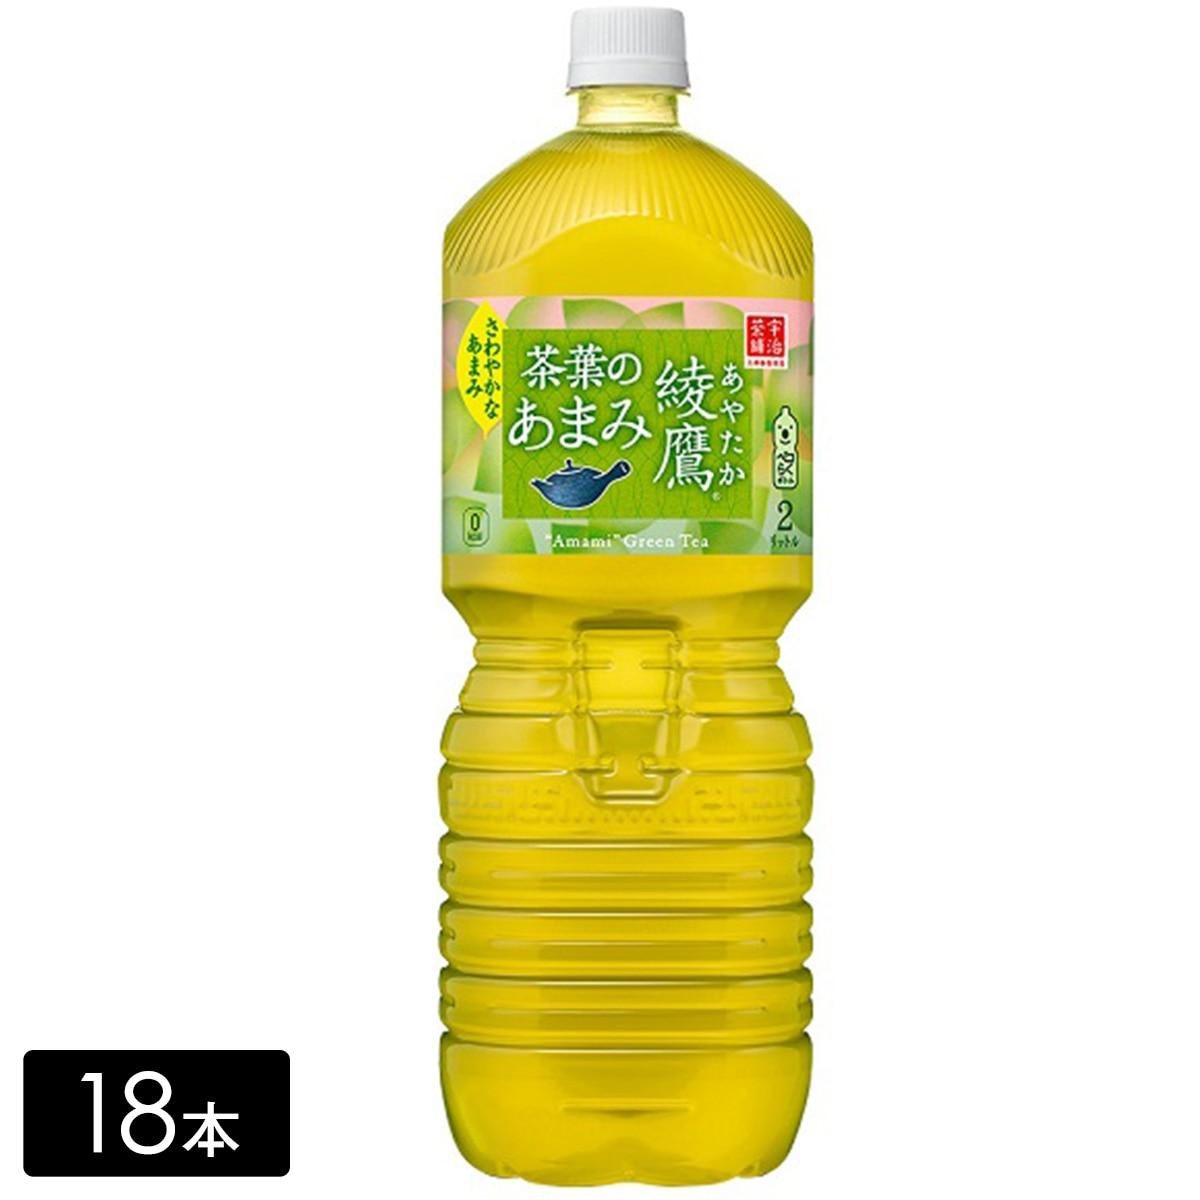 コカ・コーラボトラーズ 綾鷹 茶葉のあまみ 2L×18本 51746